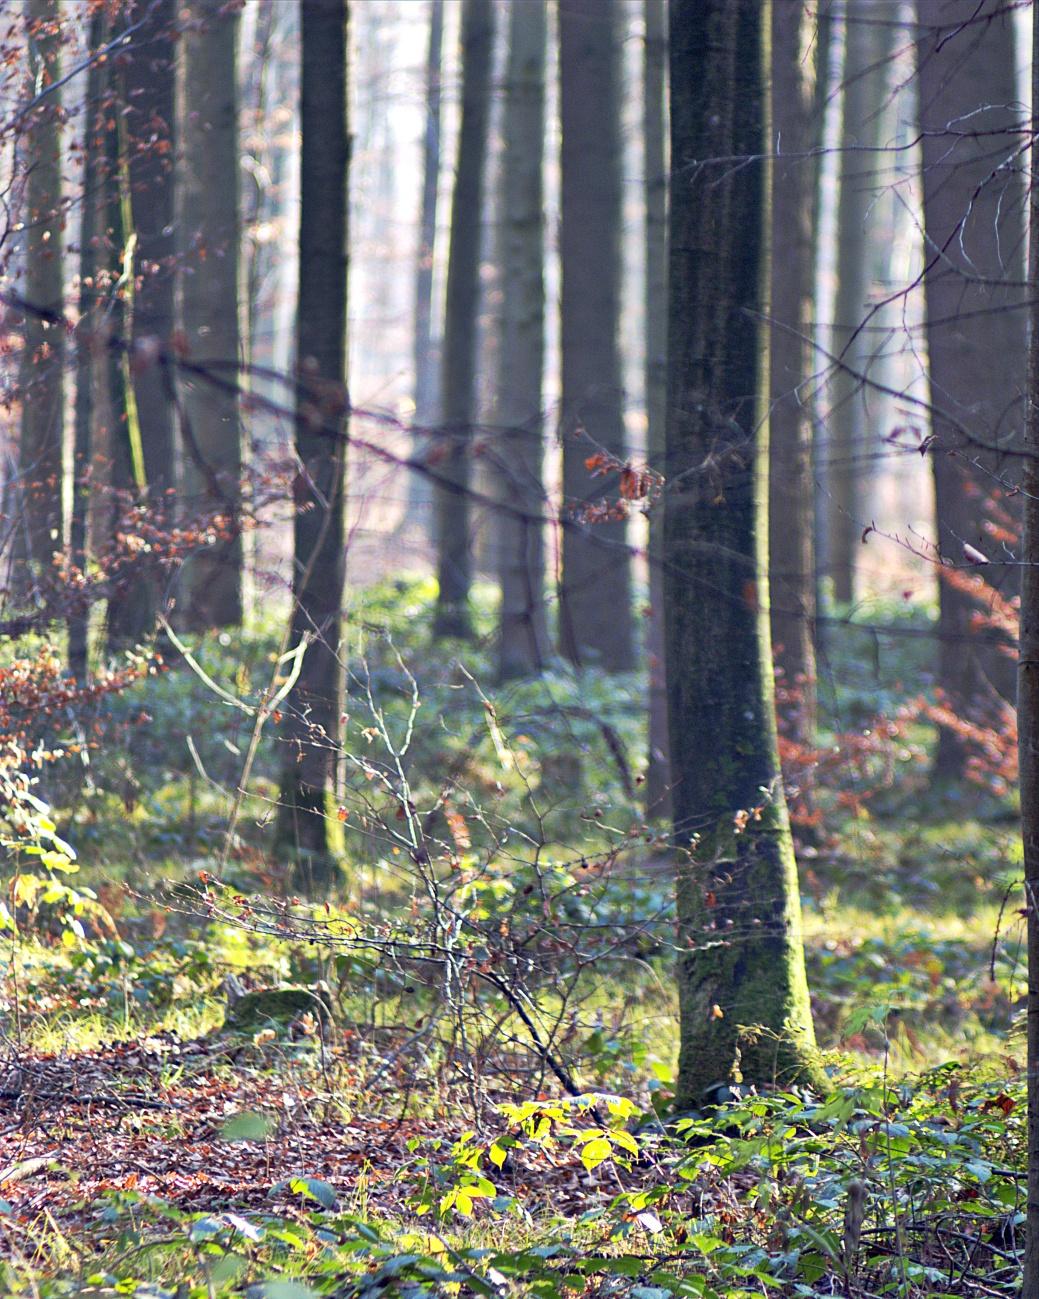 Bilder der Woche #49 (KW49/2020) – Im Wald